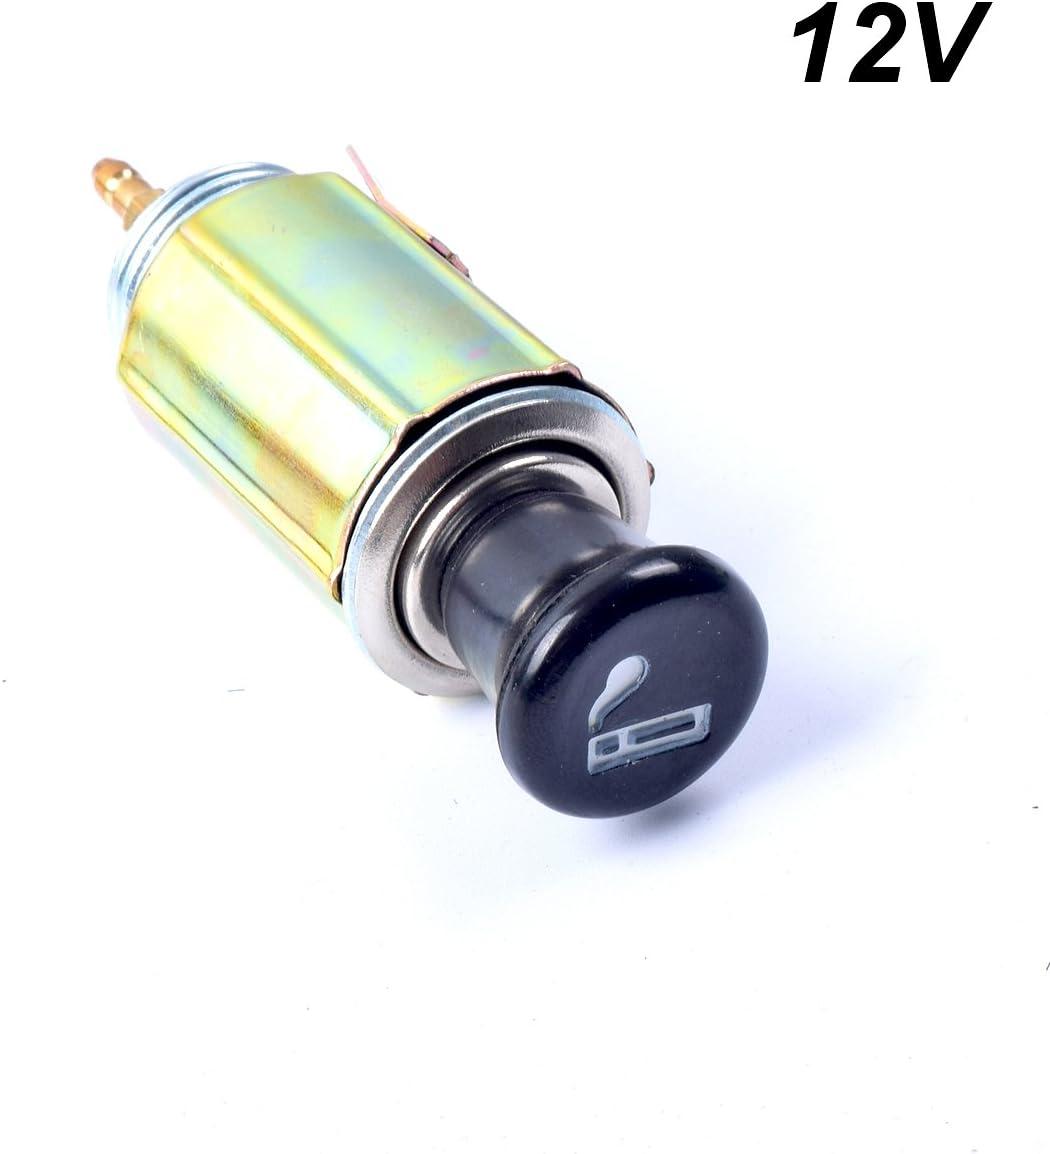 marine cigarette lighter schematic wiring diagram amazon com dc 12v car auto cigarette lighter replacement plug  dc 12v car auto cigarette lighter